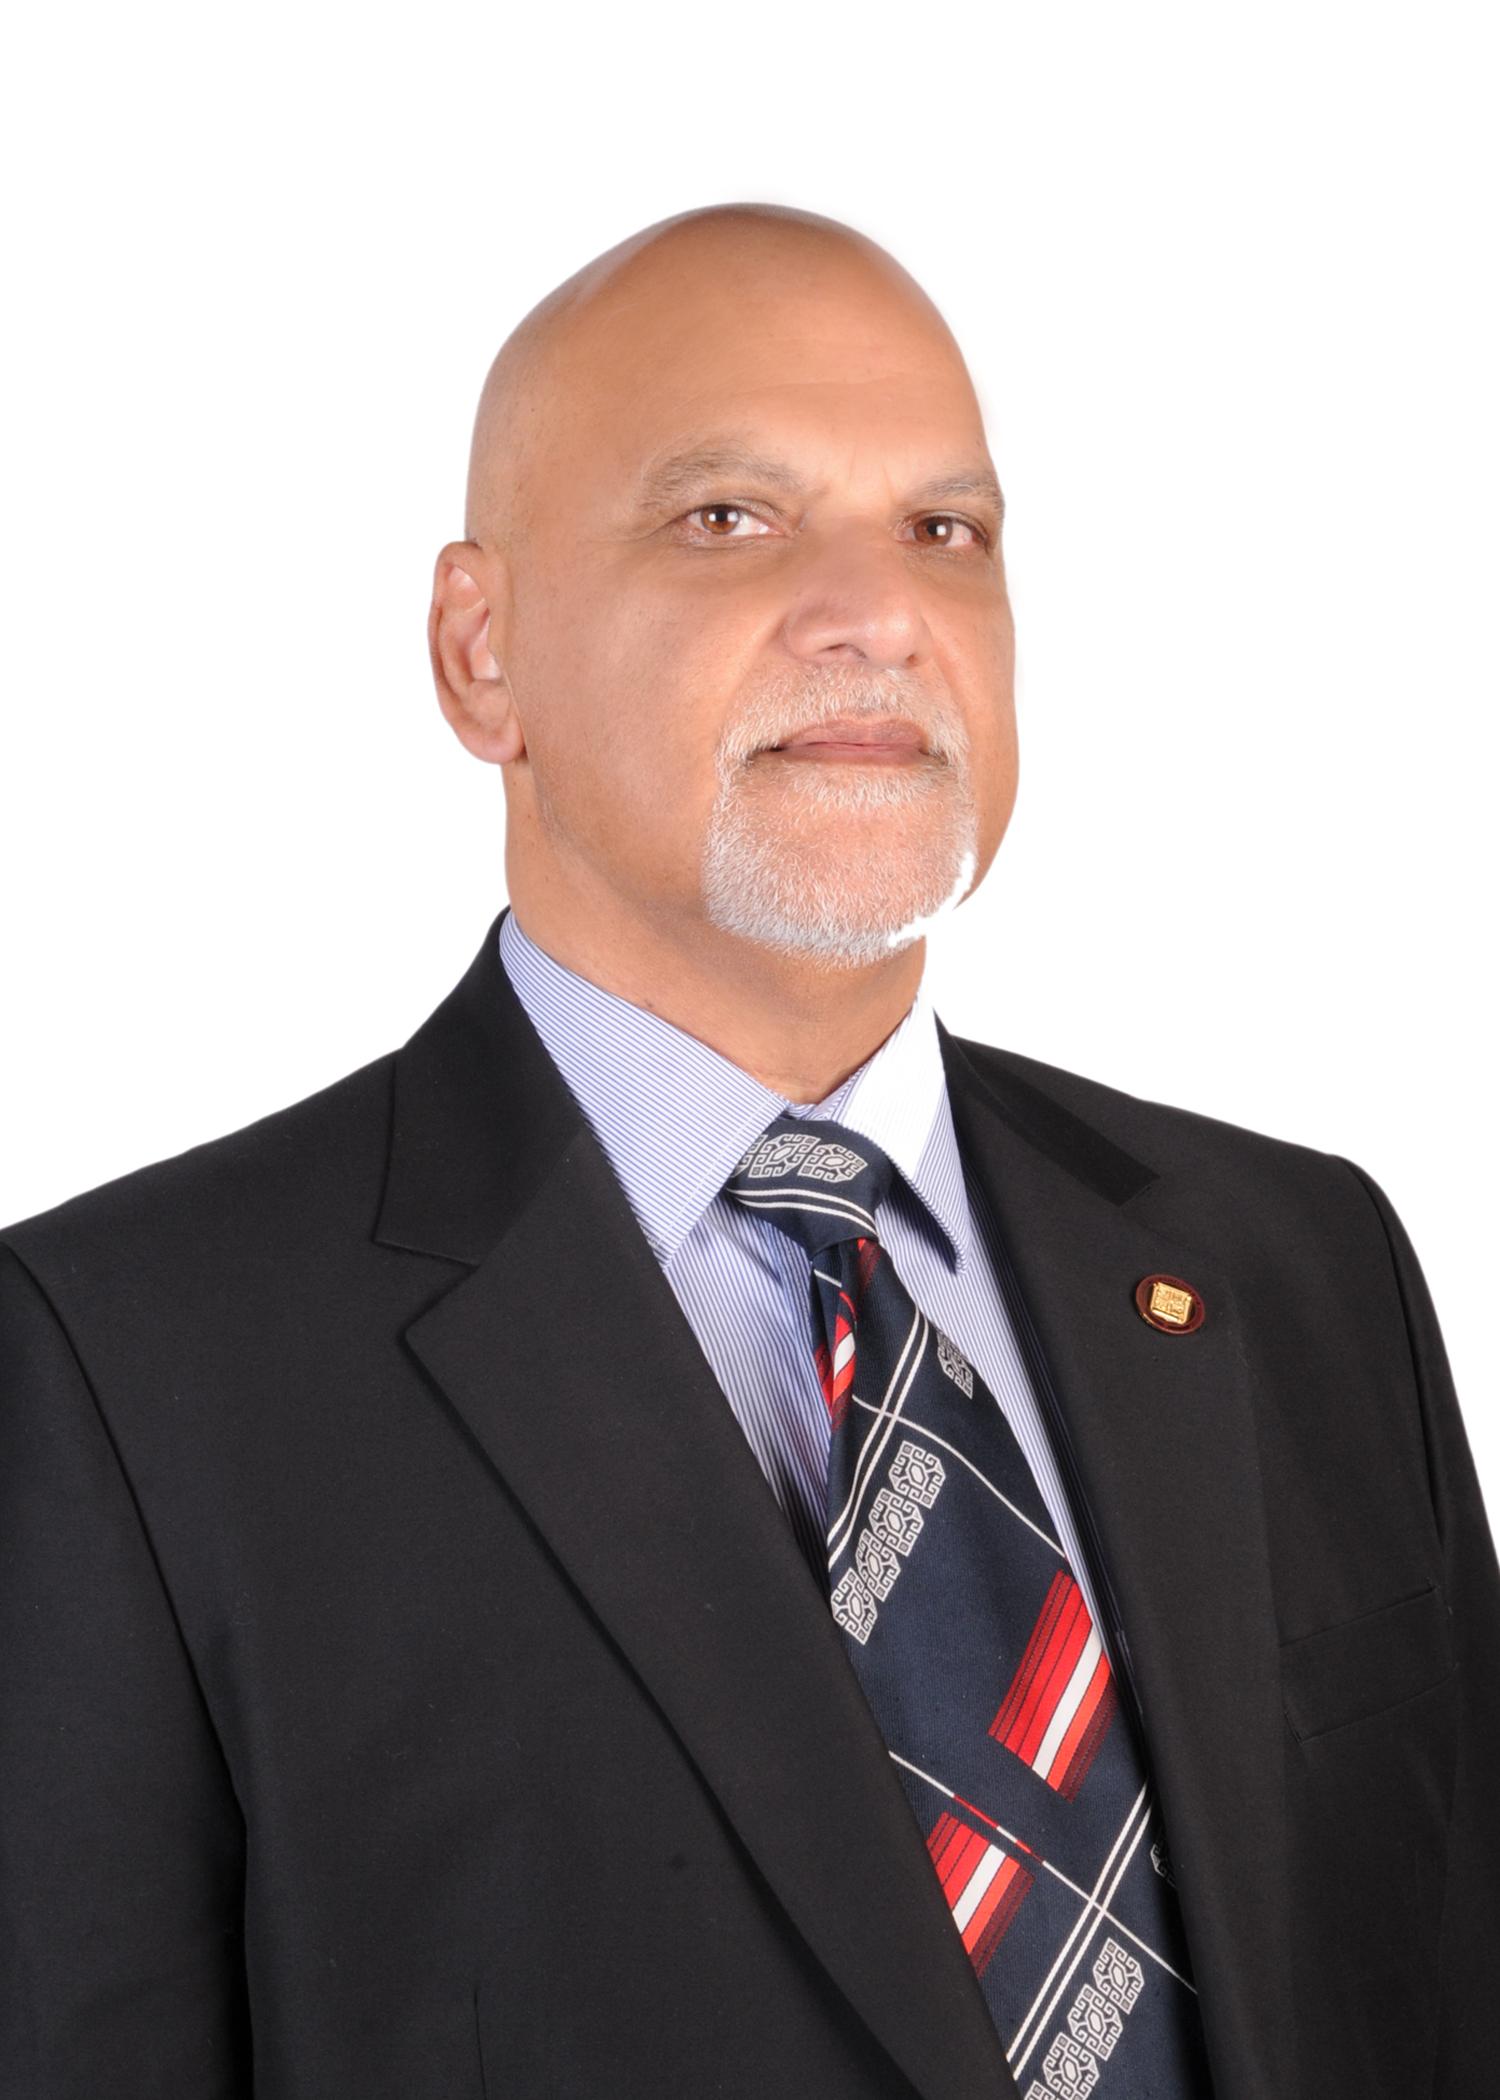 DR HOOSEIN EBRAHIM